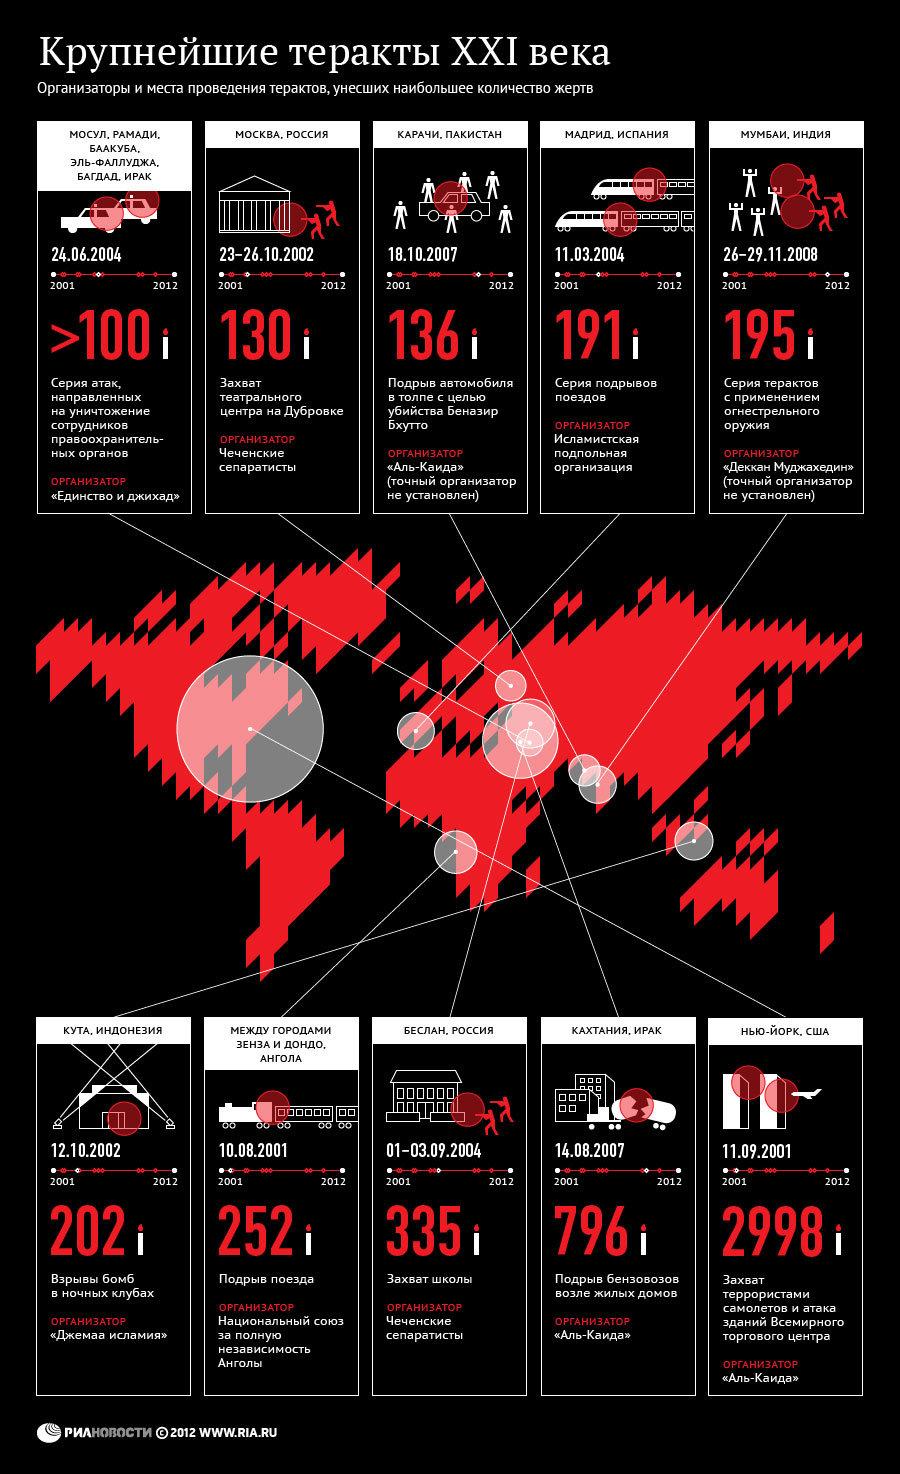 Крупнейшие теракты XXI века